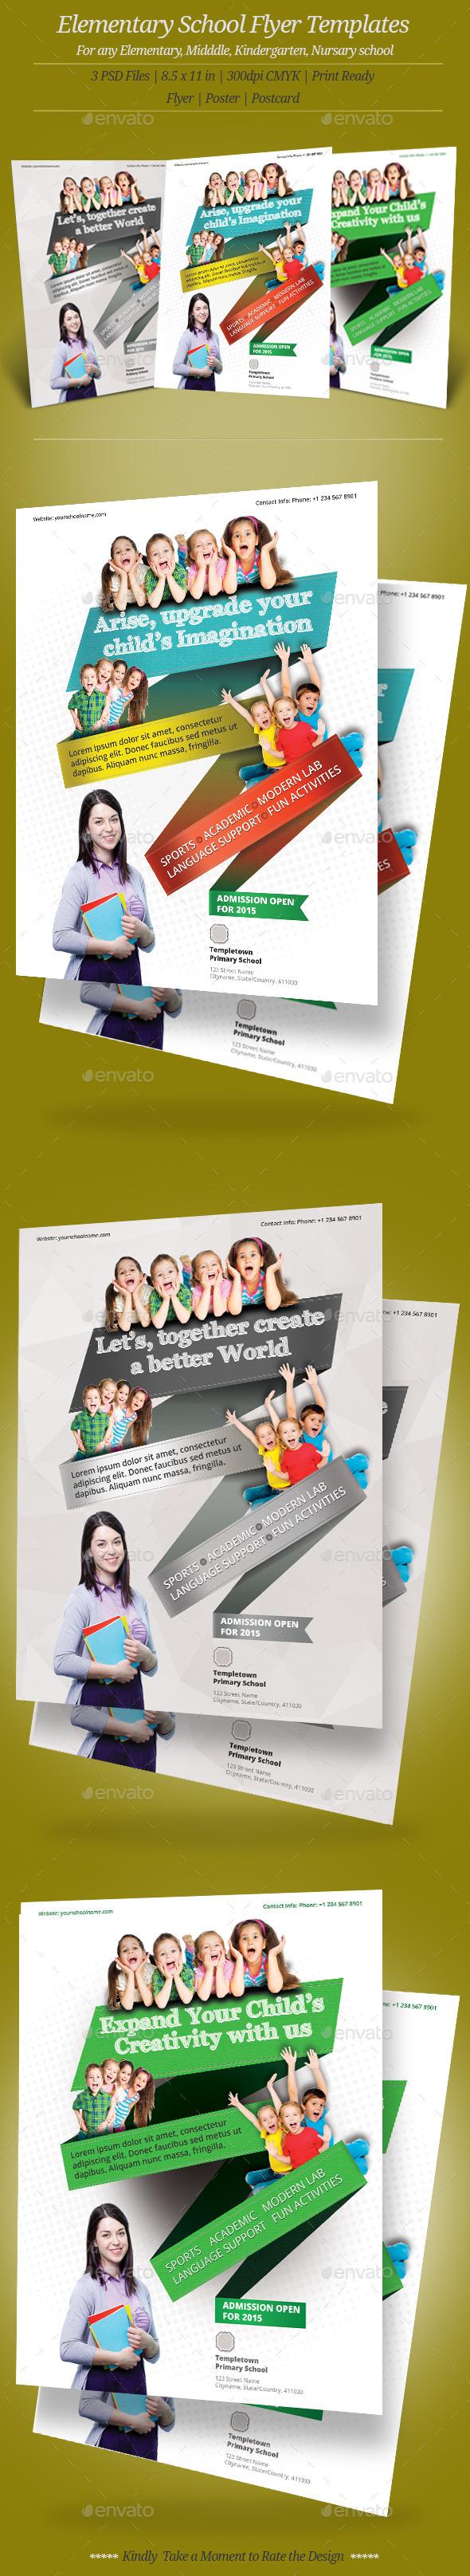 Elementary School Flyer Templates - Flyers Print Templates